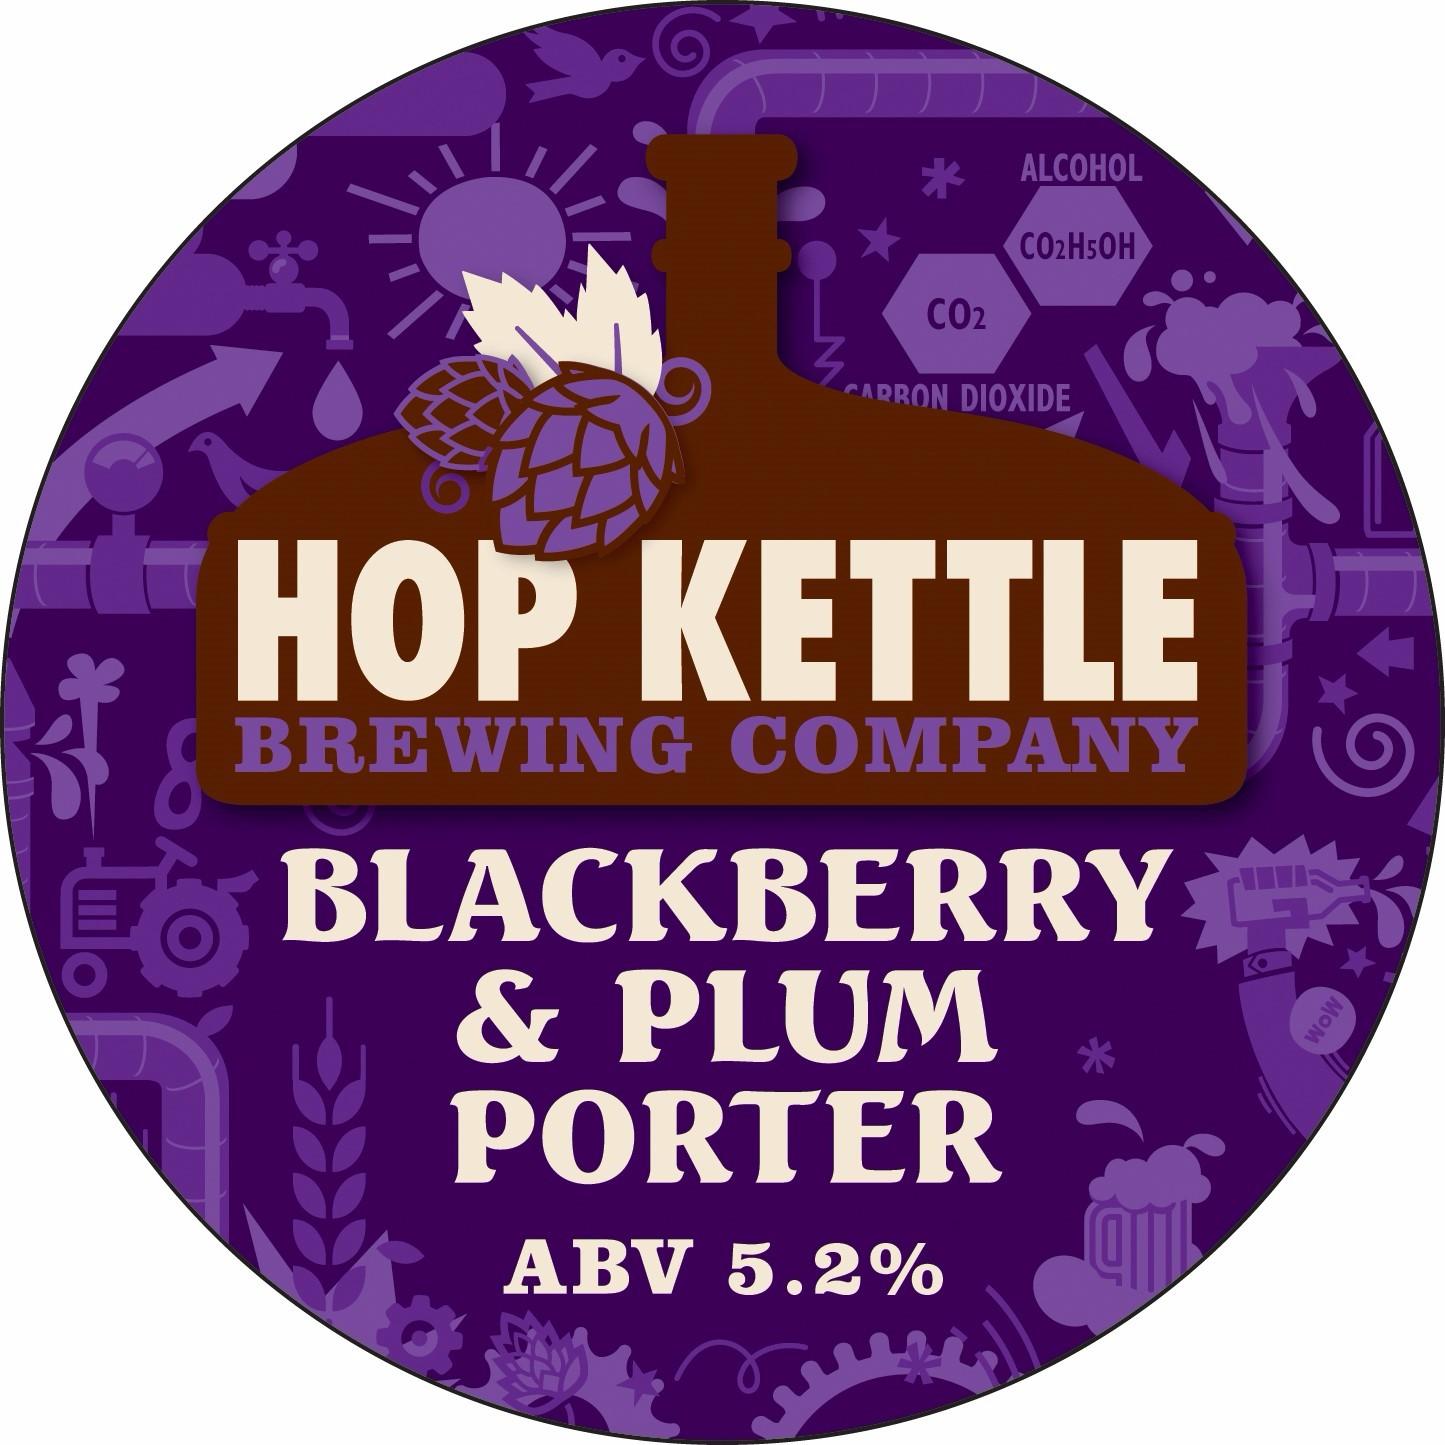 Hop Kettle Blackberry and Plum Porter